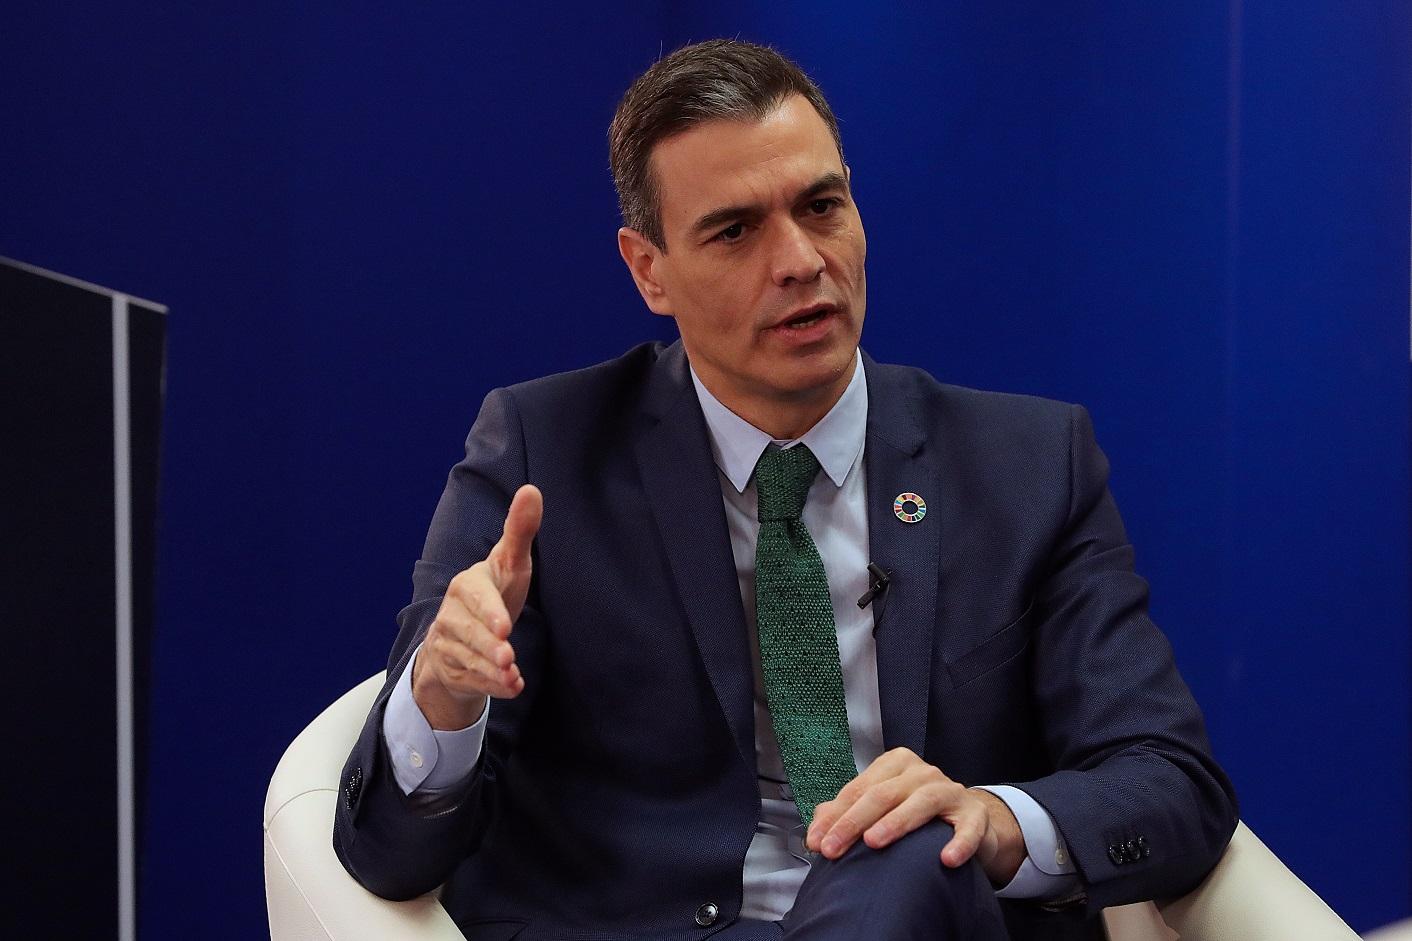 El presidente del Gobierno, Pedro Sánchez, durante el encuentro 'Fondos Europeos, las claves para la recuperación', organizado por la agencia Efe y KPMG, el 20 de enero de 2021 | EFE/JJM/Pool